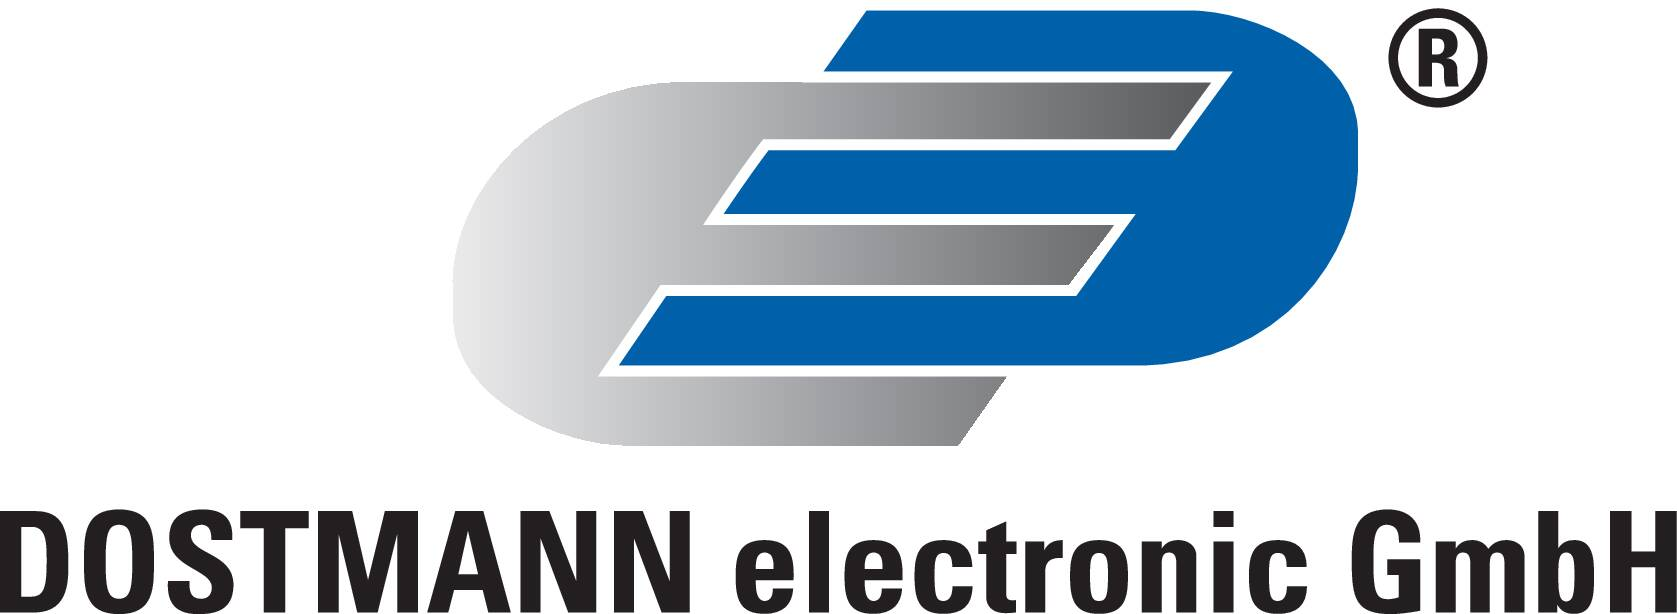 Dostmann Electronic